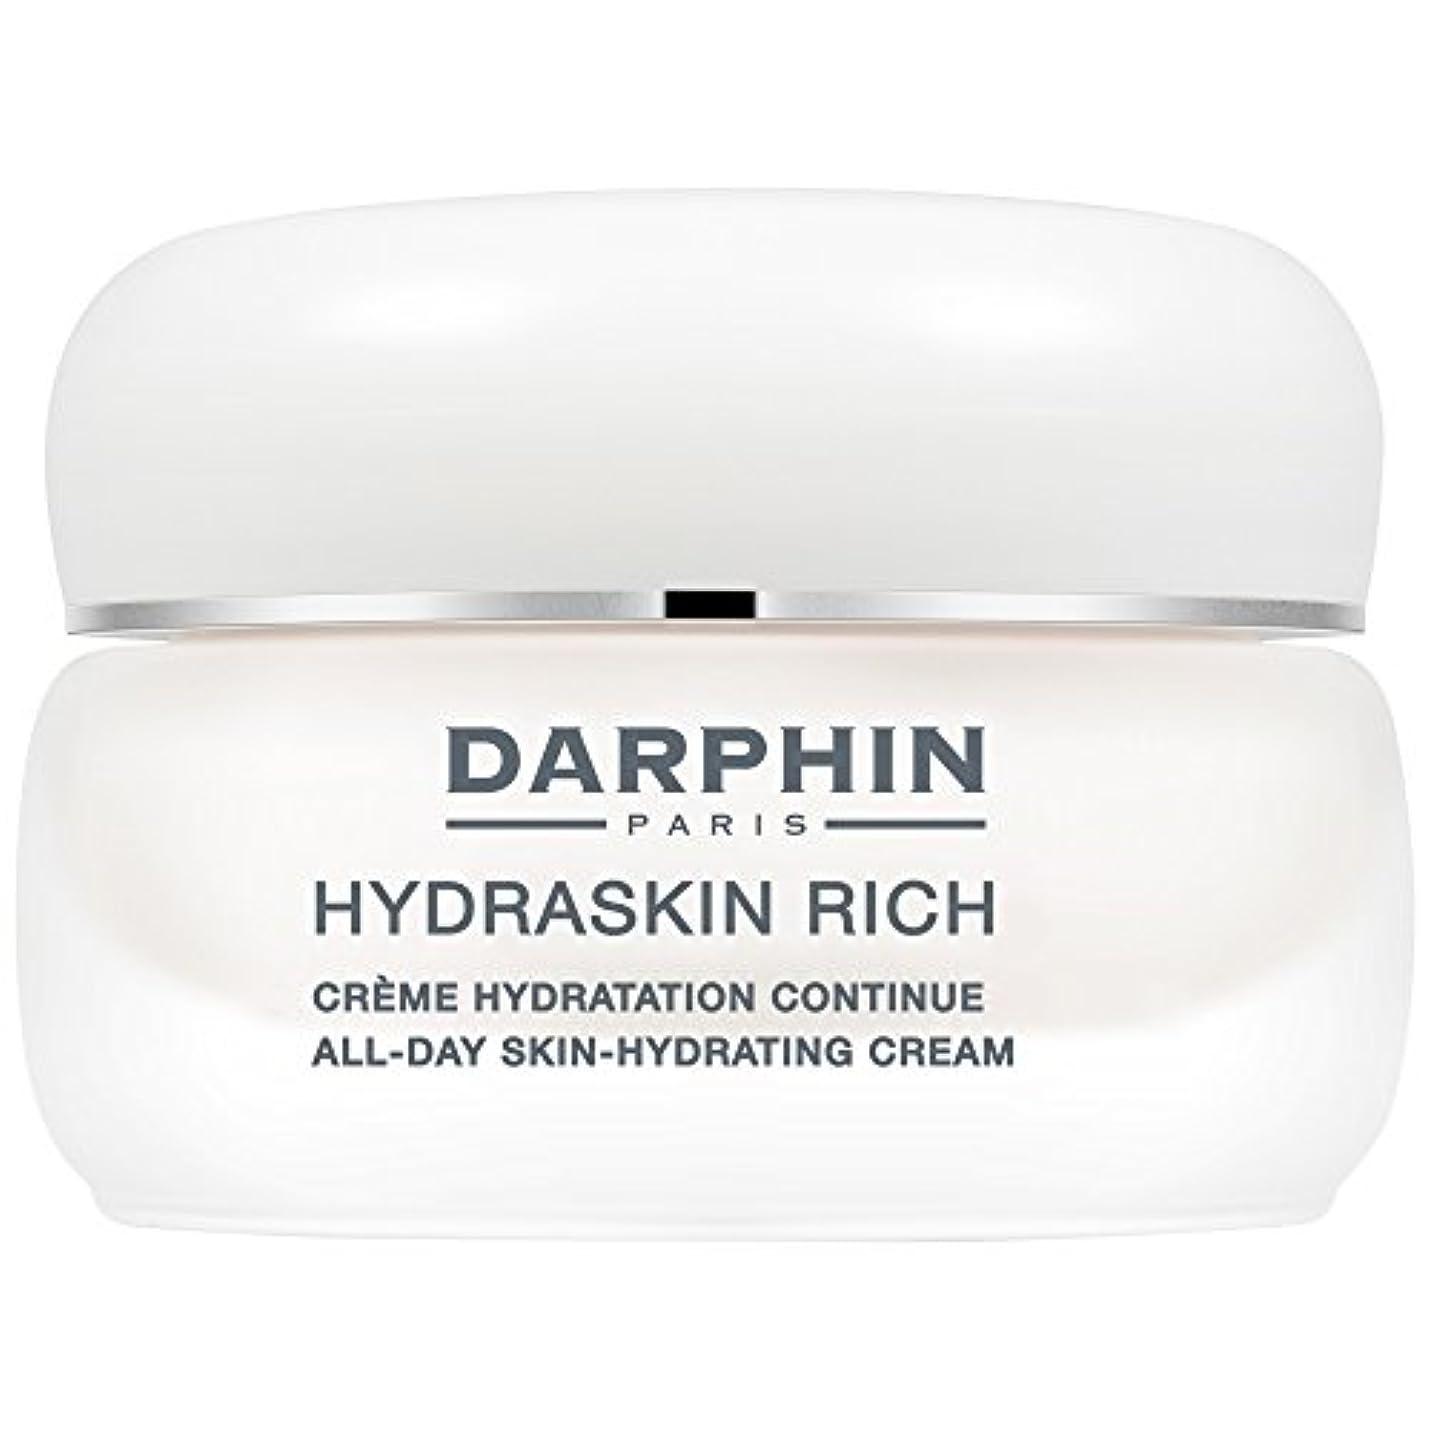 足音無意味同性愛者ダルファンリッチHydraskin、50ミリリットル (Darphin) (x6) - Darphin Hydraskin Rich, 50ml (Pack of 6) [並行輸入品]